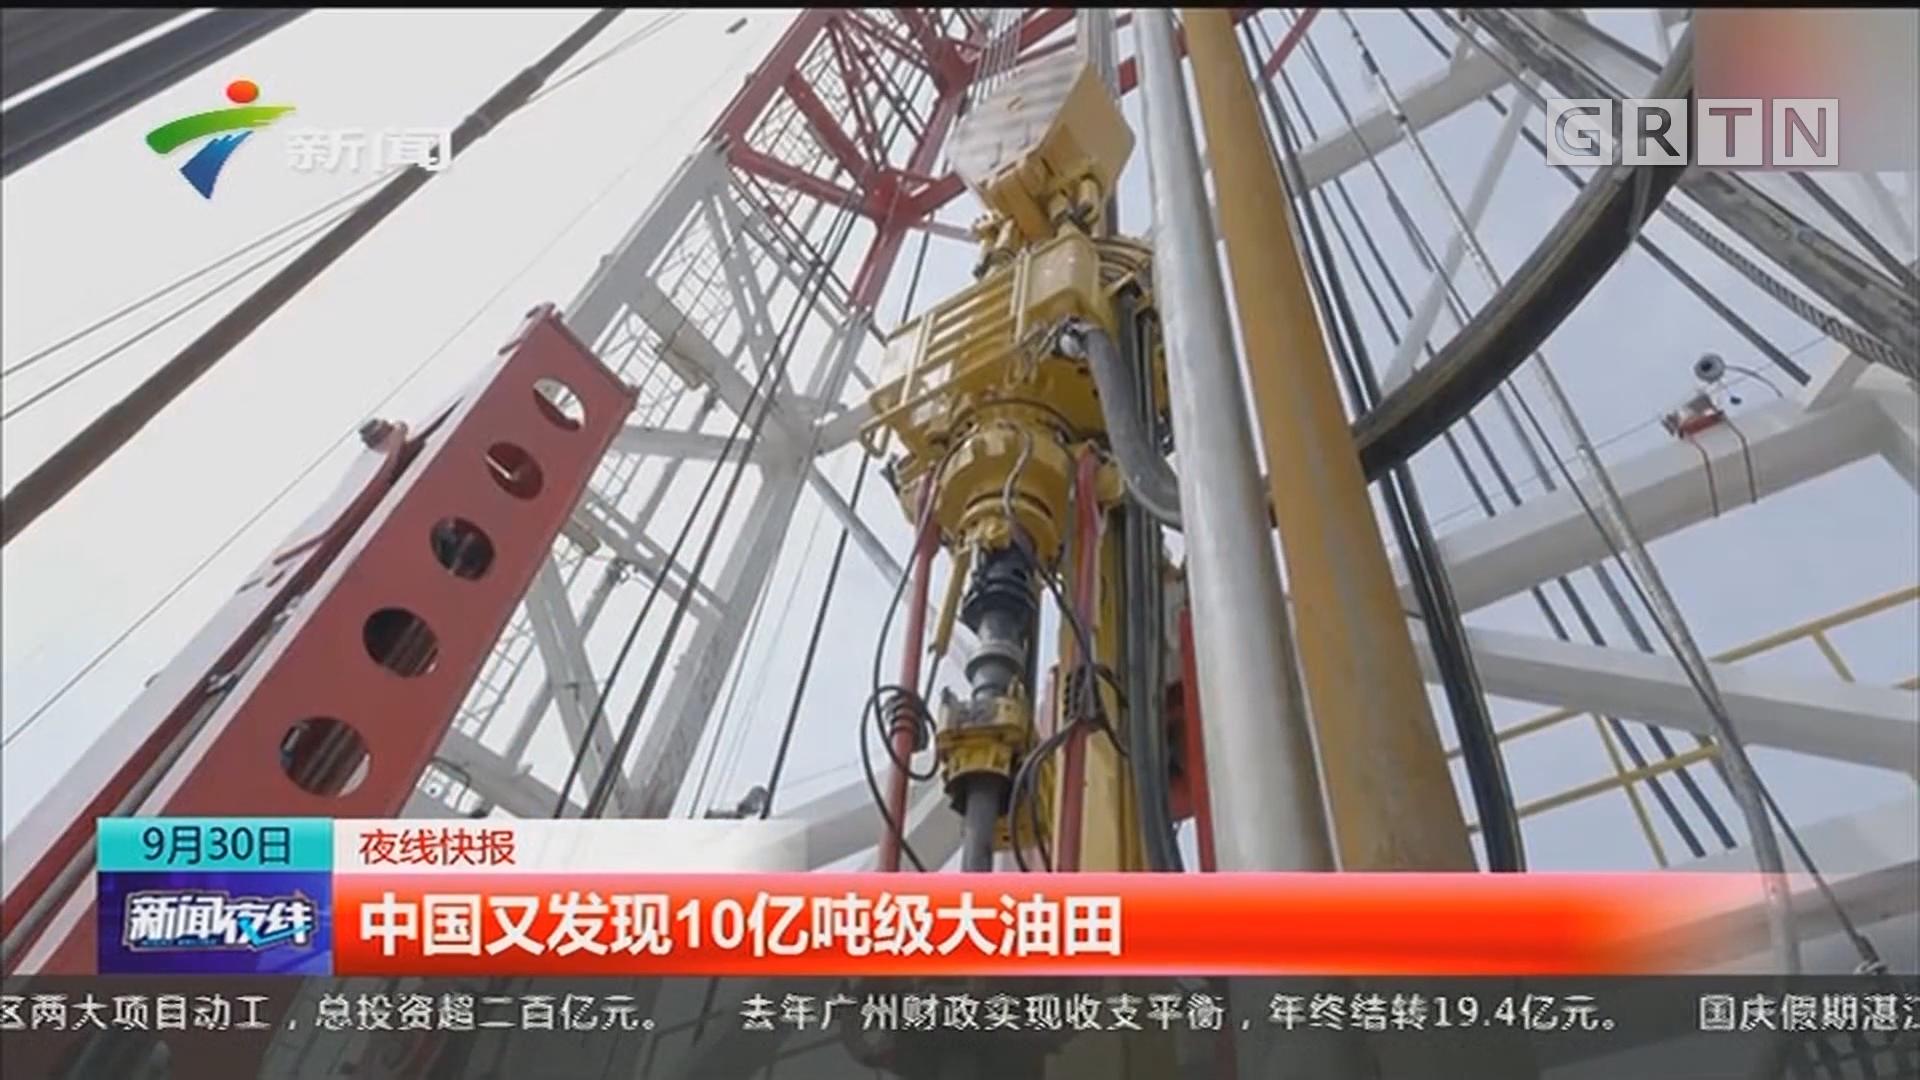 中国又发现10亿吨级大油田